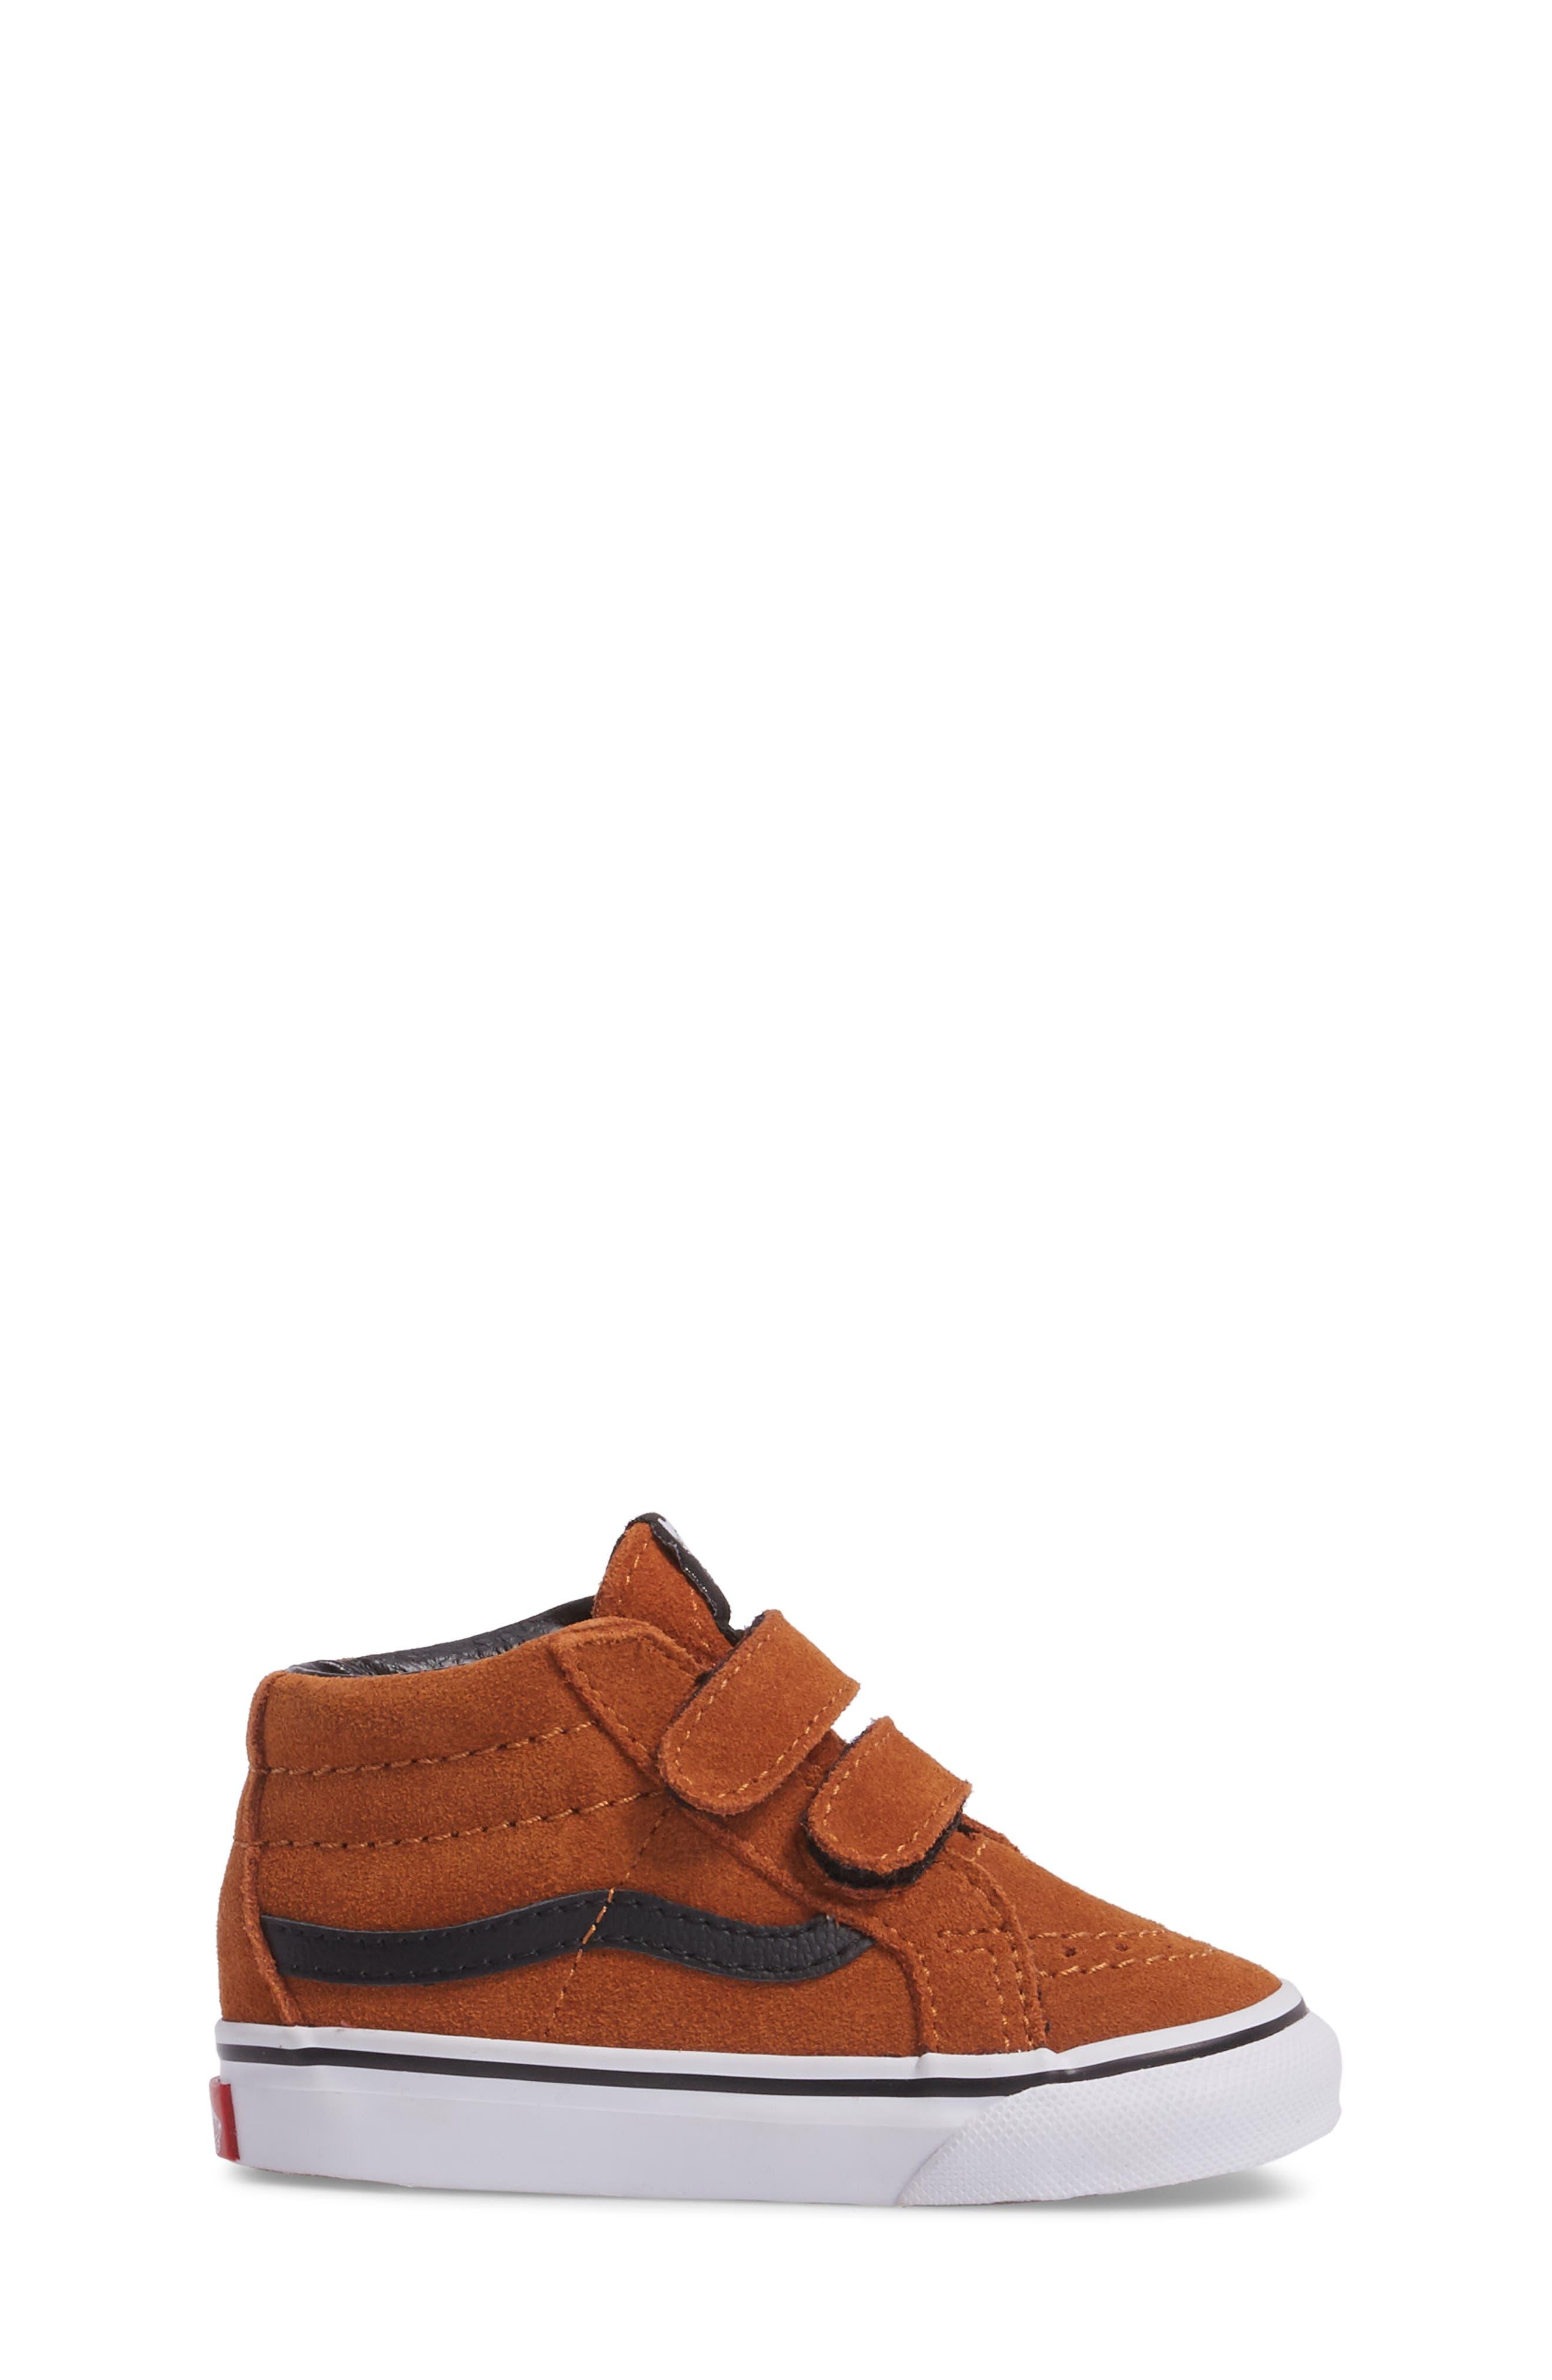 Alternate Image 3  - Vans SK8-Mid Reissue Sneaker (Baby, Walker, Toddler, Little Kid & Big Kid)